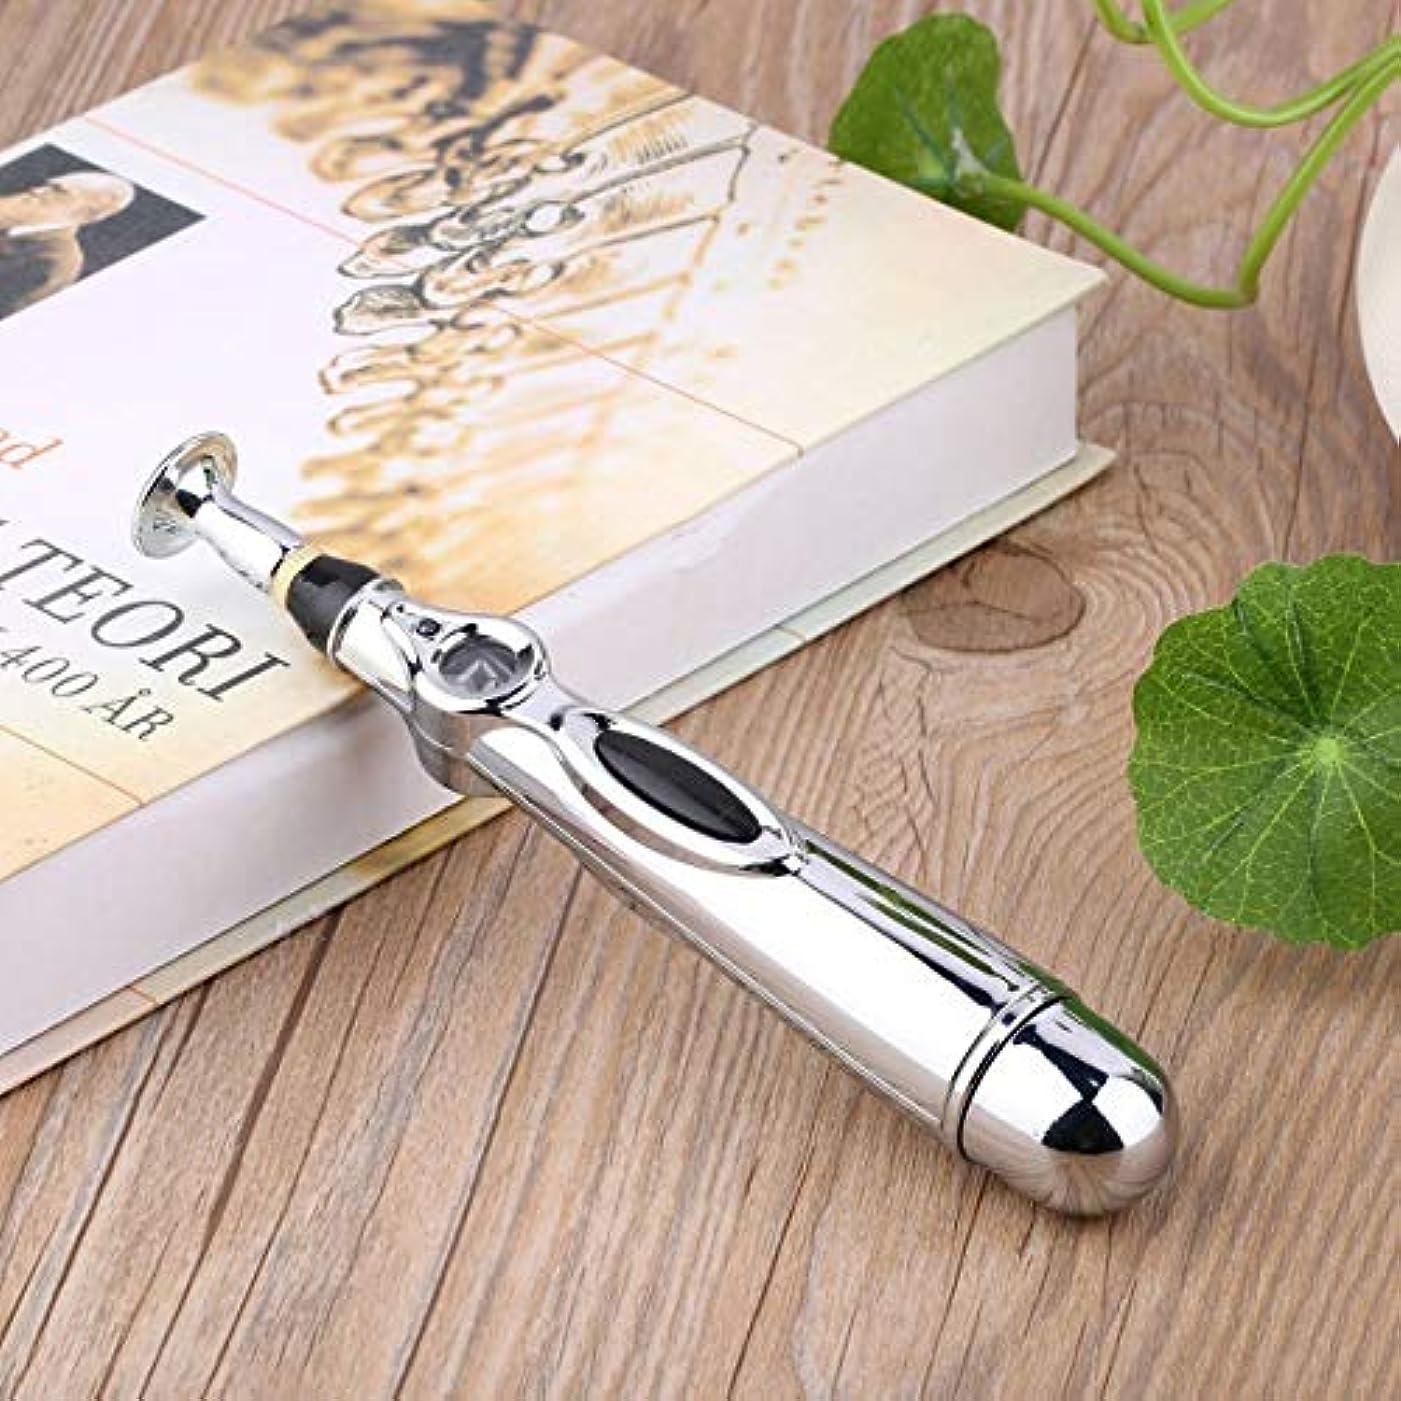 ほかに疎外するこどもの日電気鍼マッサージペンの健康子午線の痛みを軽減する治療電子子午線エネルギーペンのマッサージボディヘッドネック脚